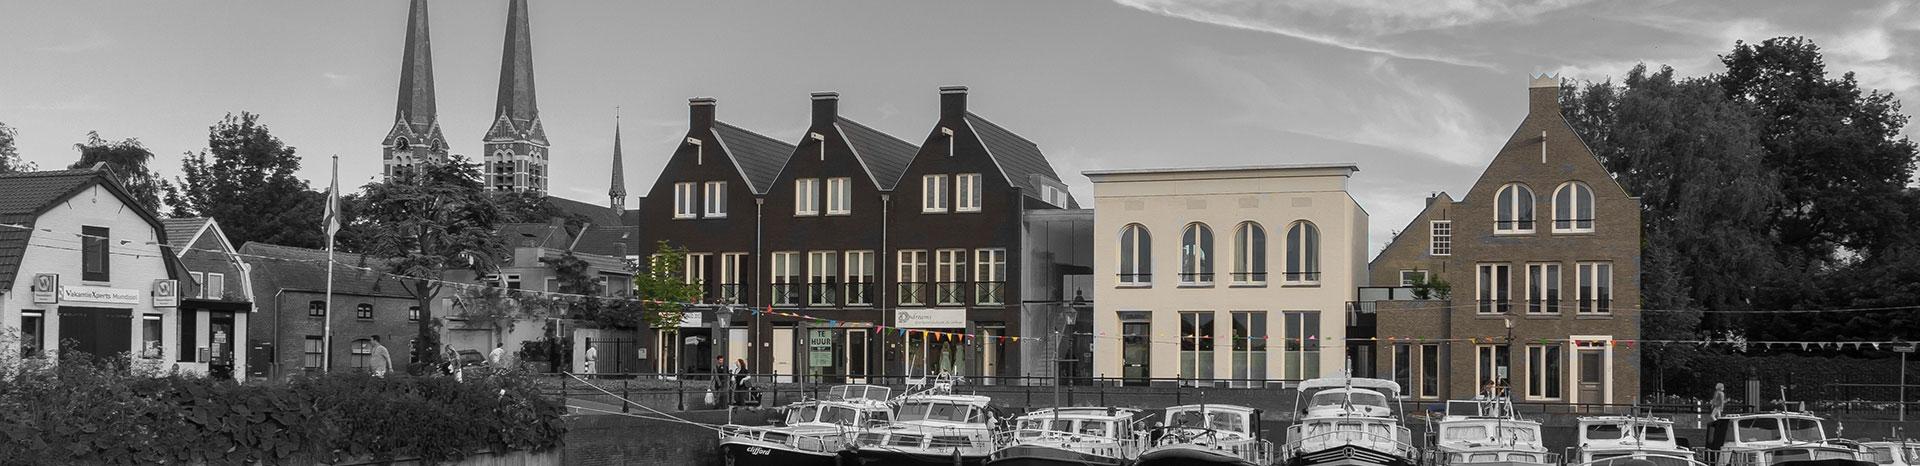 Letselschade advocaat Etten-Leur | LetselPro